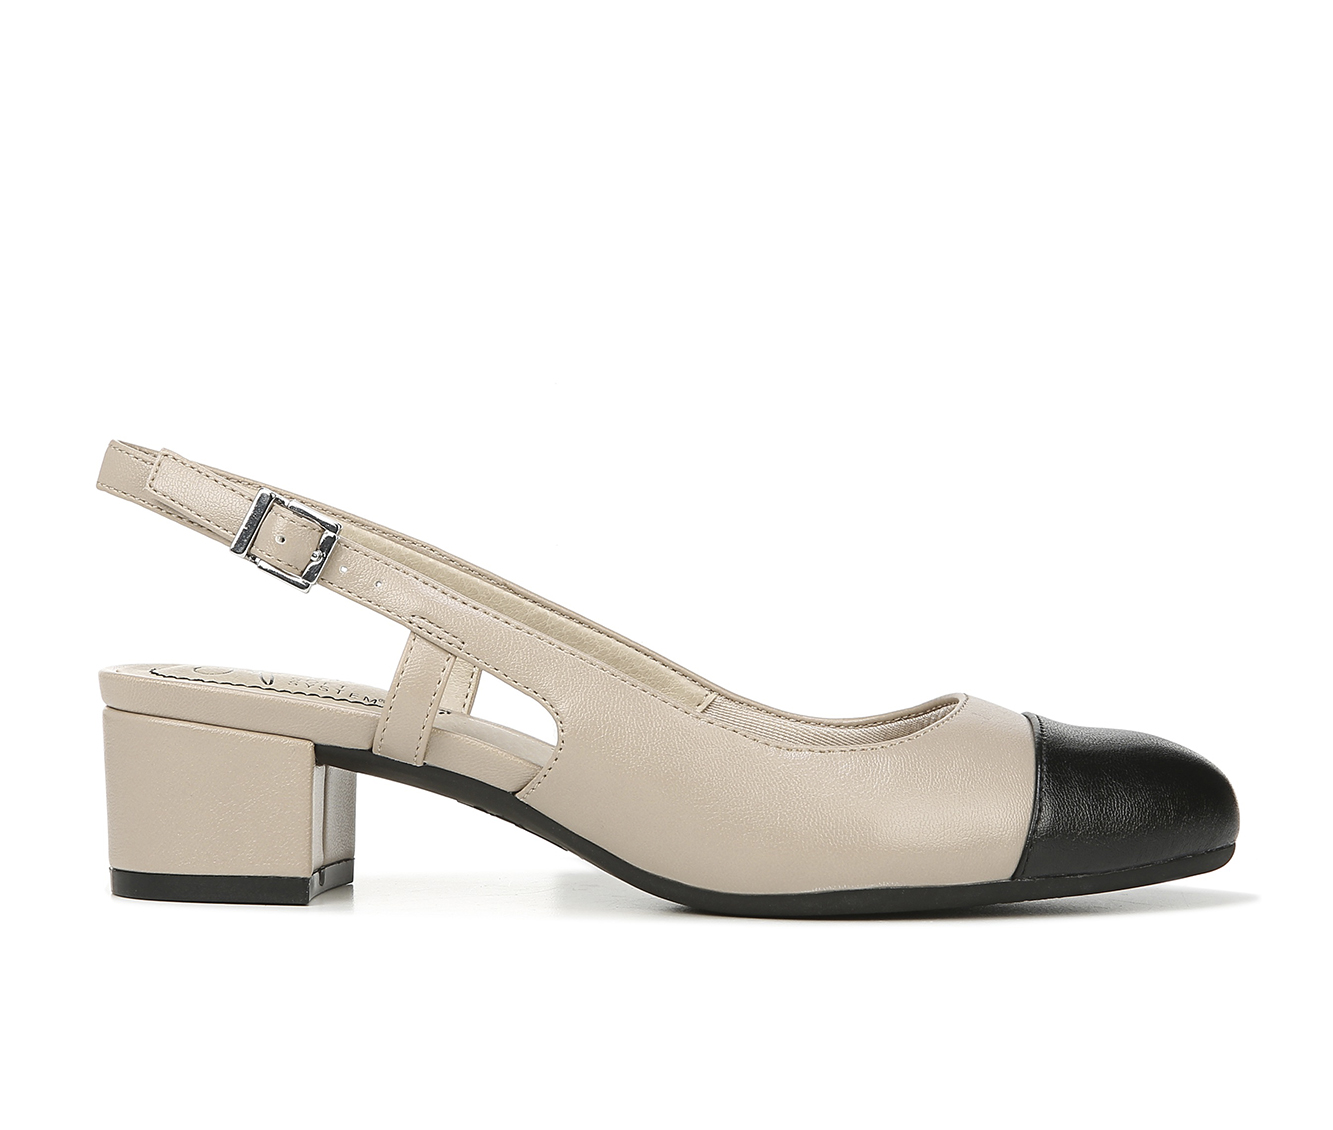 LifeStride Everdeen Women's Dress Shoe (Beige Faux Leather)